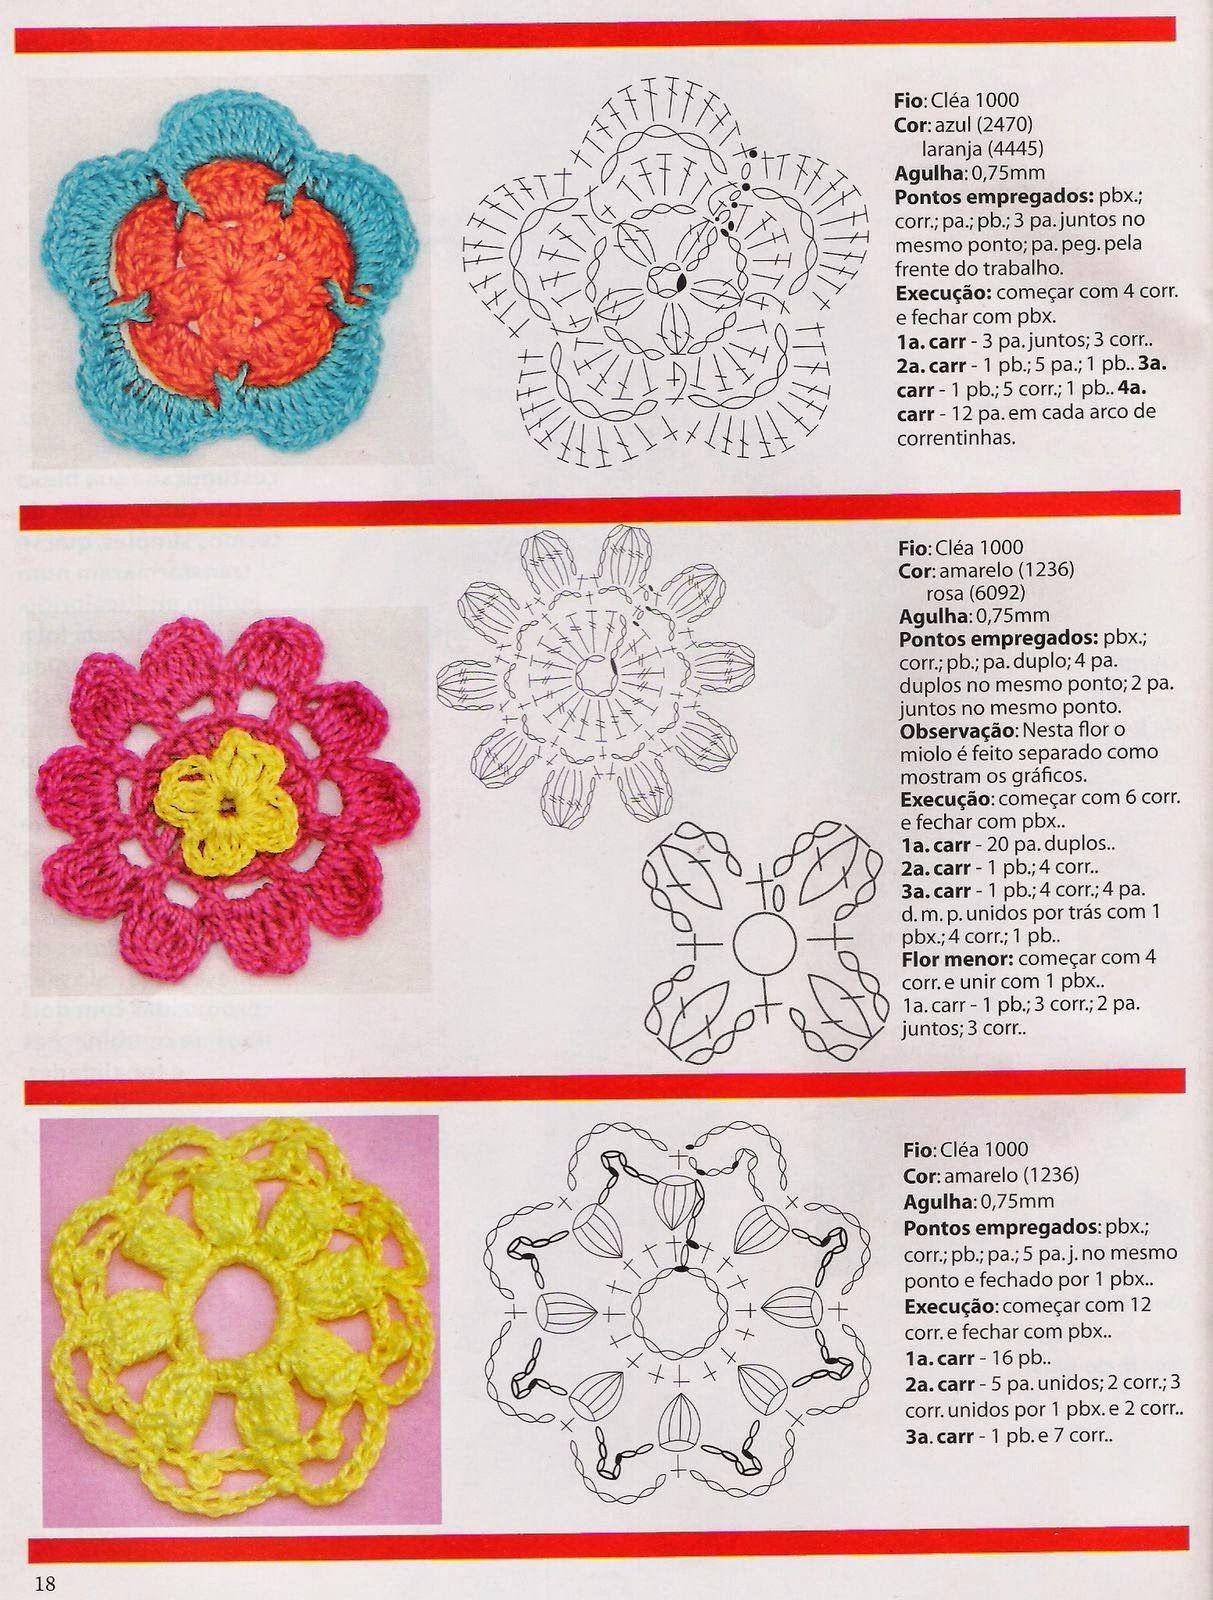 Revistas de crochet y tejidos gratis: Flores en crochet paso a paso ...